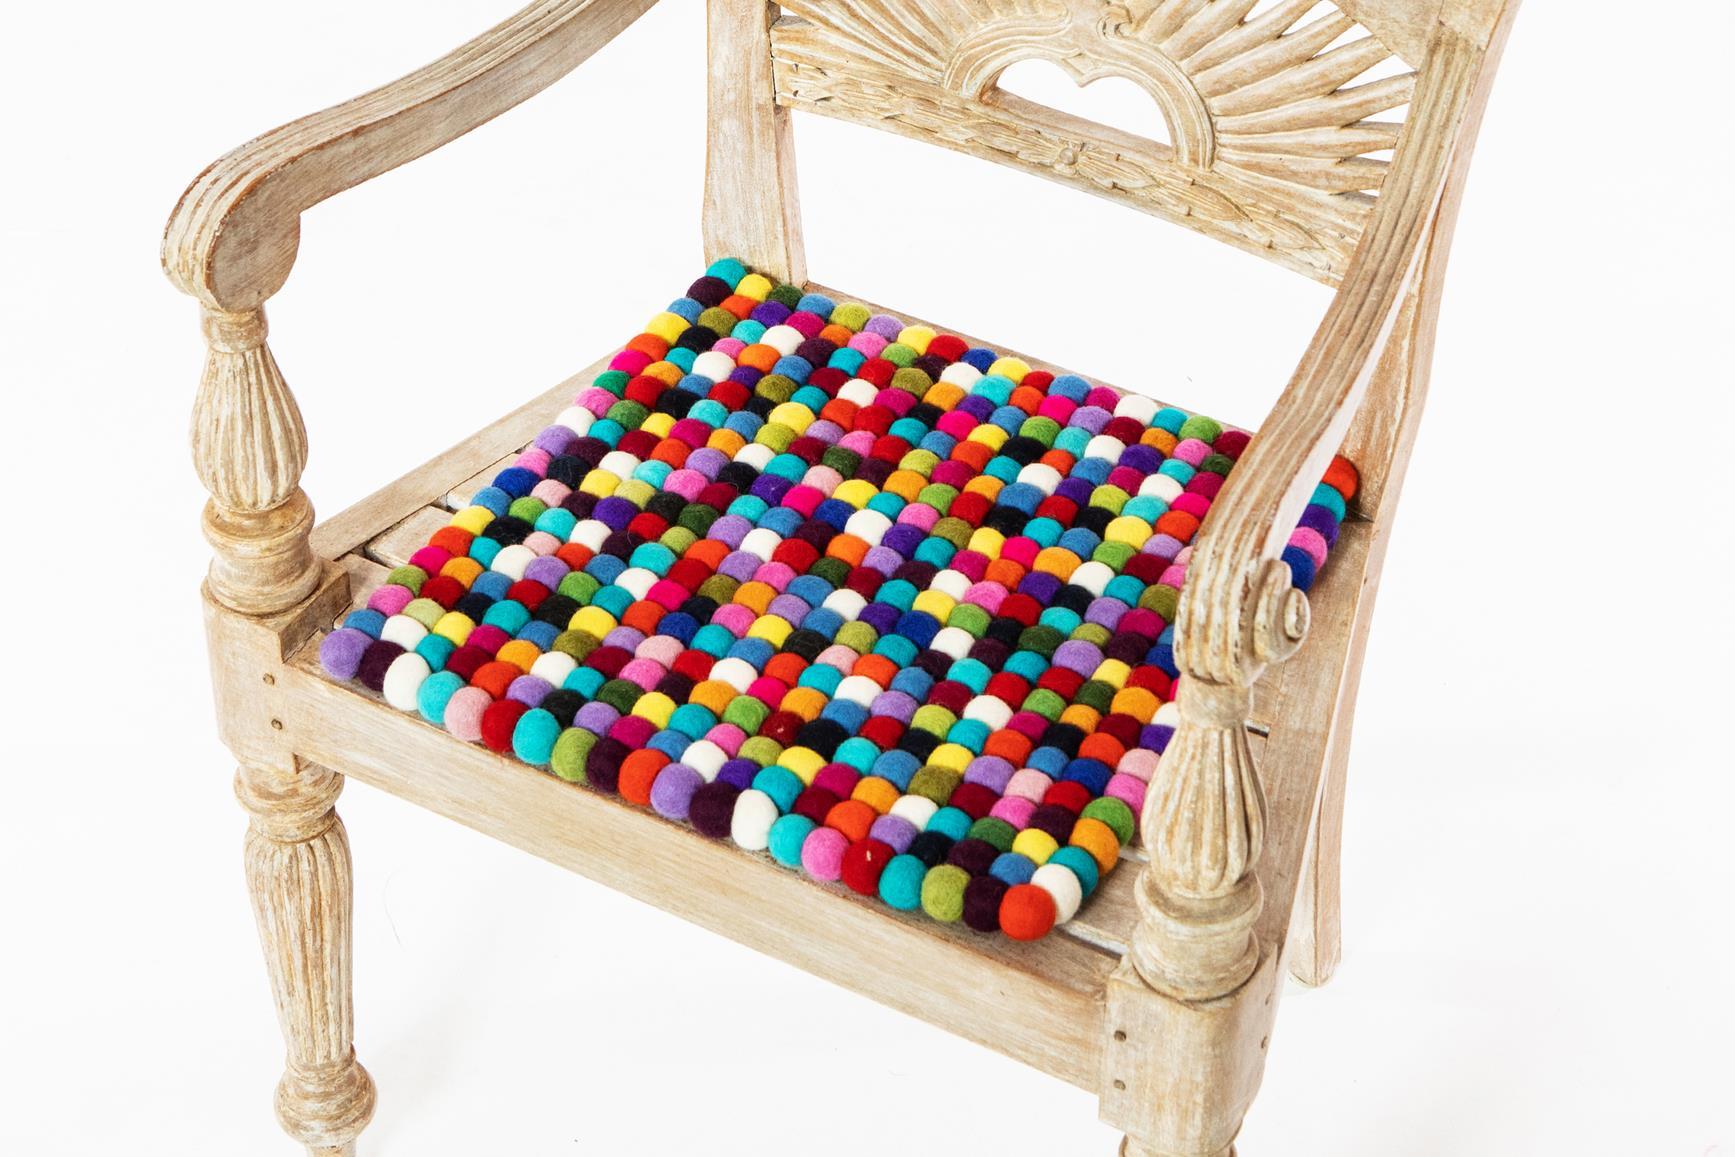 Einfach Aldi Sitzauflagen Galerie Von Wohndesign Dekor